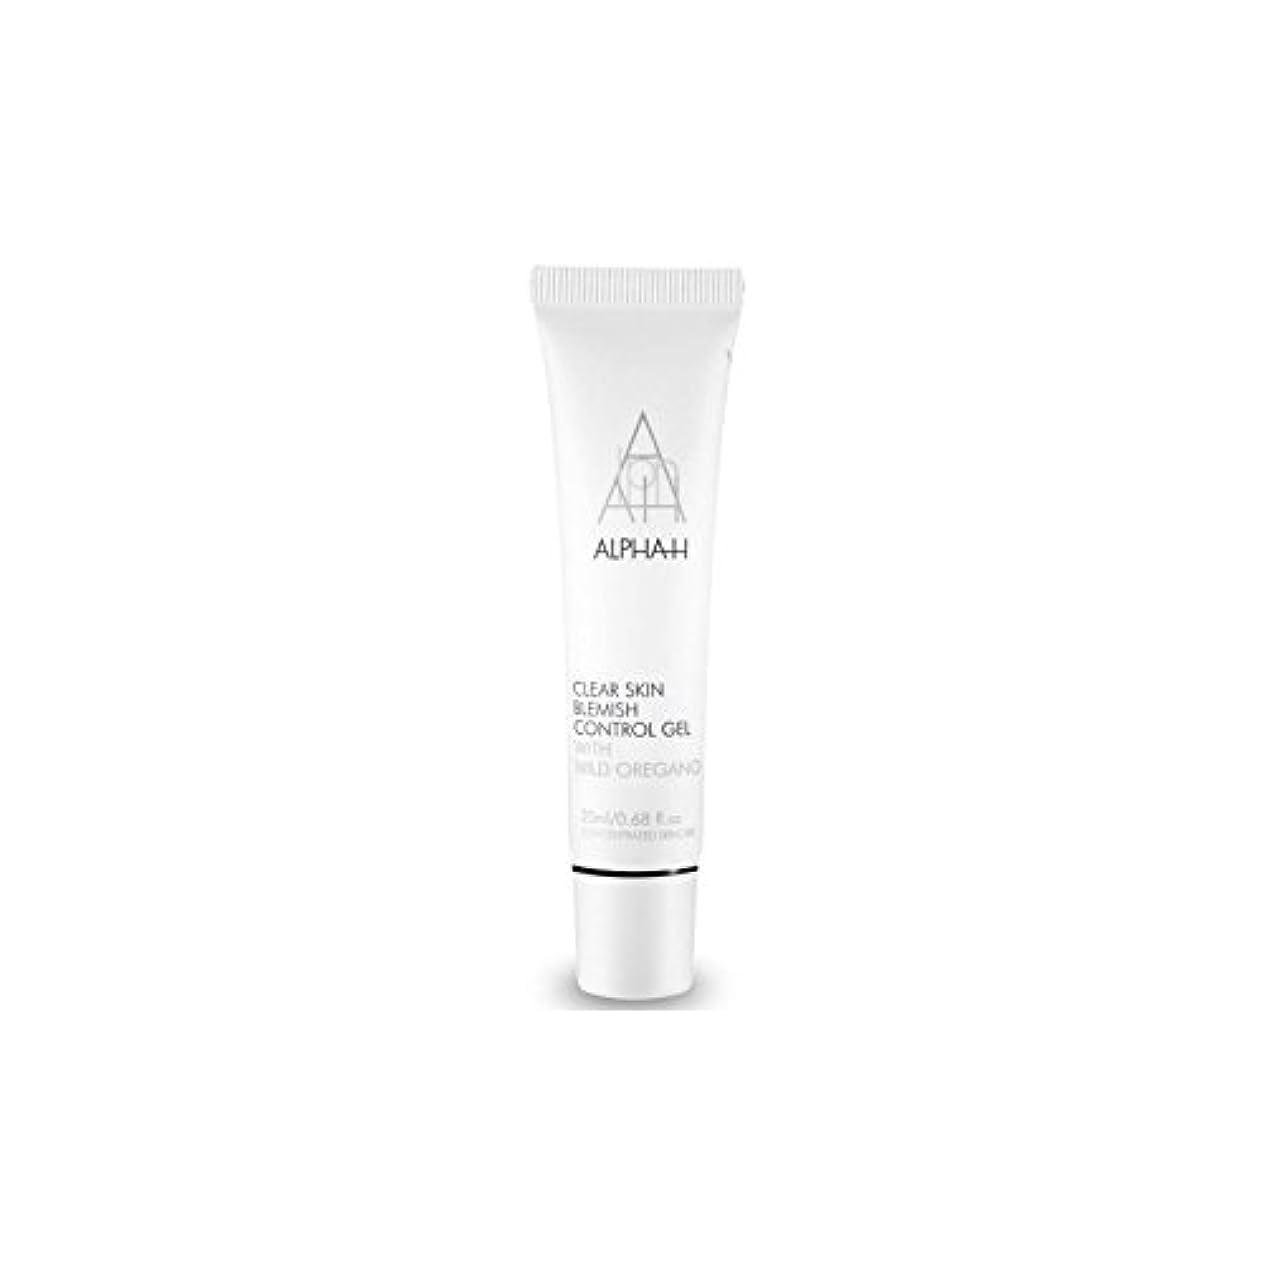 学士議会十アルファクリア皮膚傷制御ゲル(20)中 x4 - Alpha-H Clear Skin Blemish Control Gel (20ml) (Pack of 4) [並行輸入品]